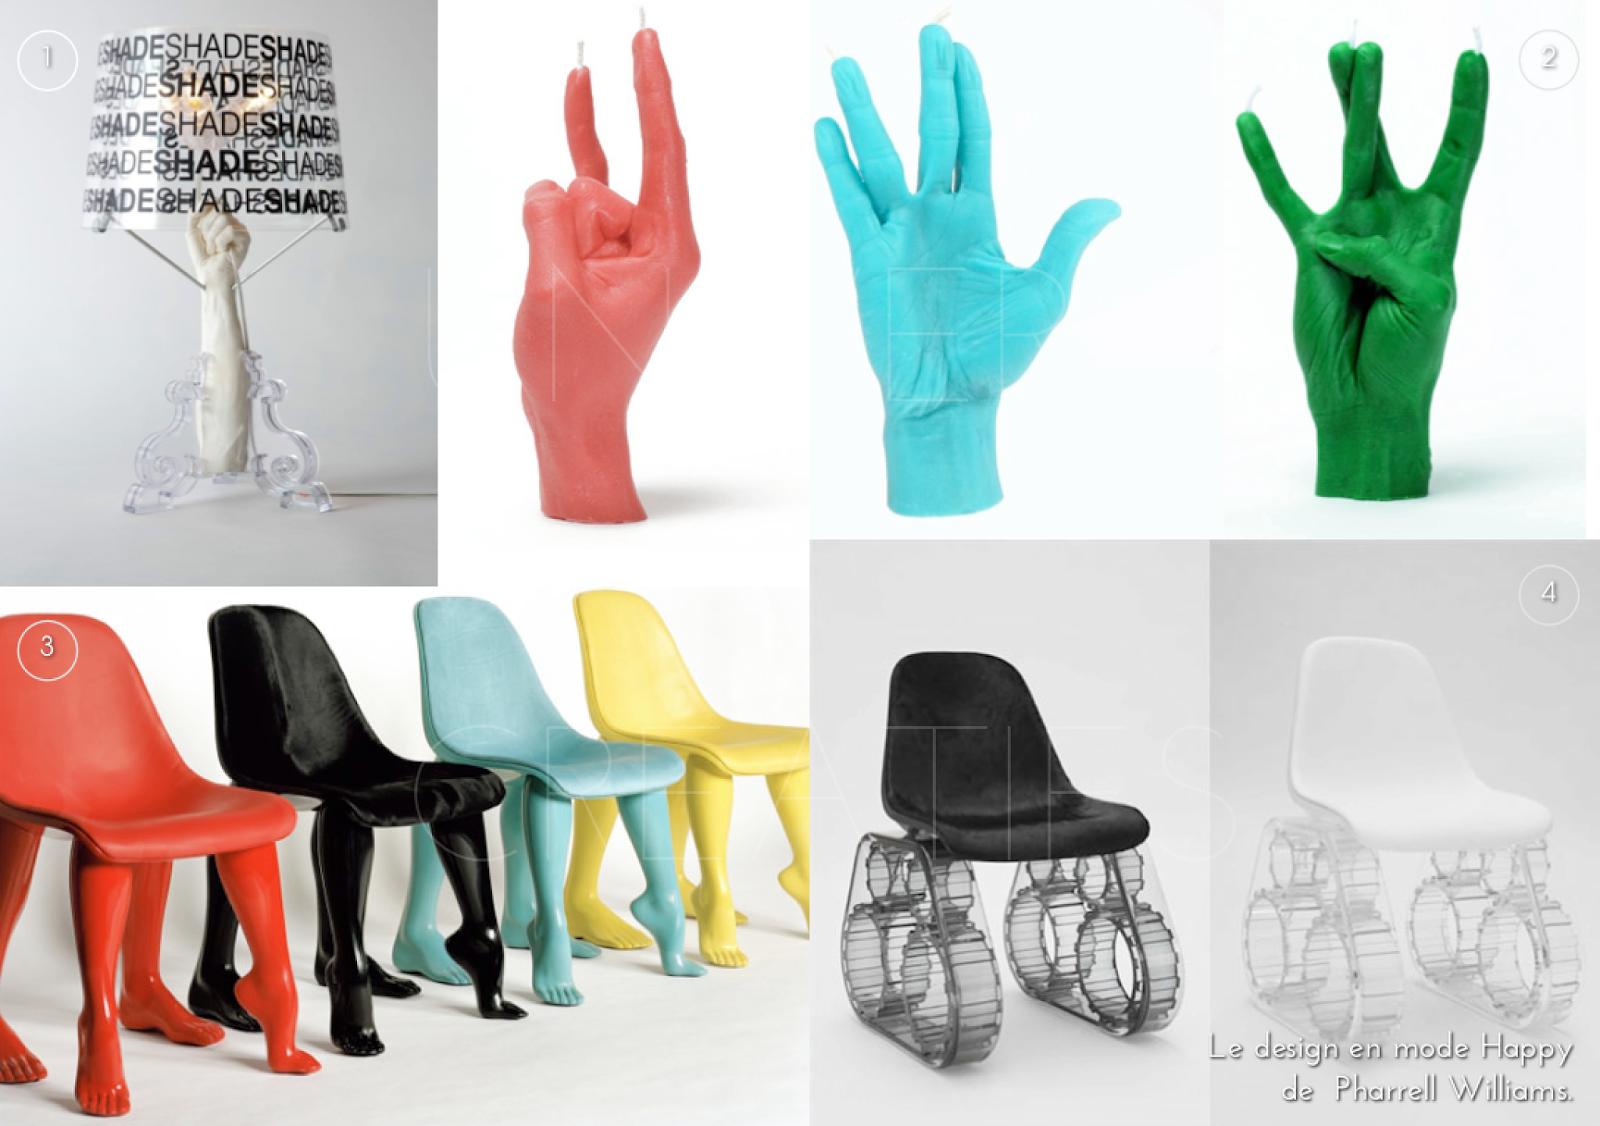 Univers creatifs le design en mode happy de pharrell williams - Pharrell williams design ...